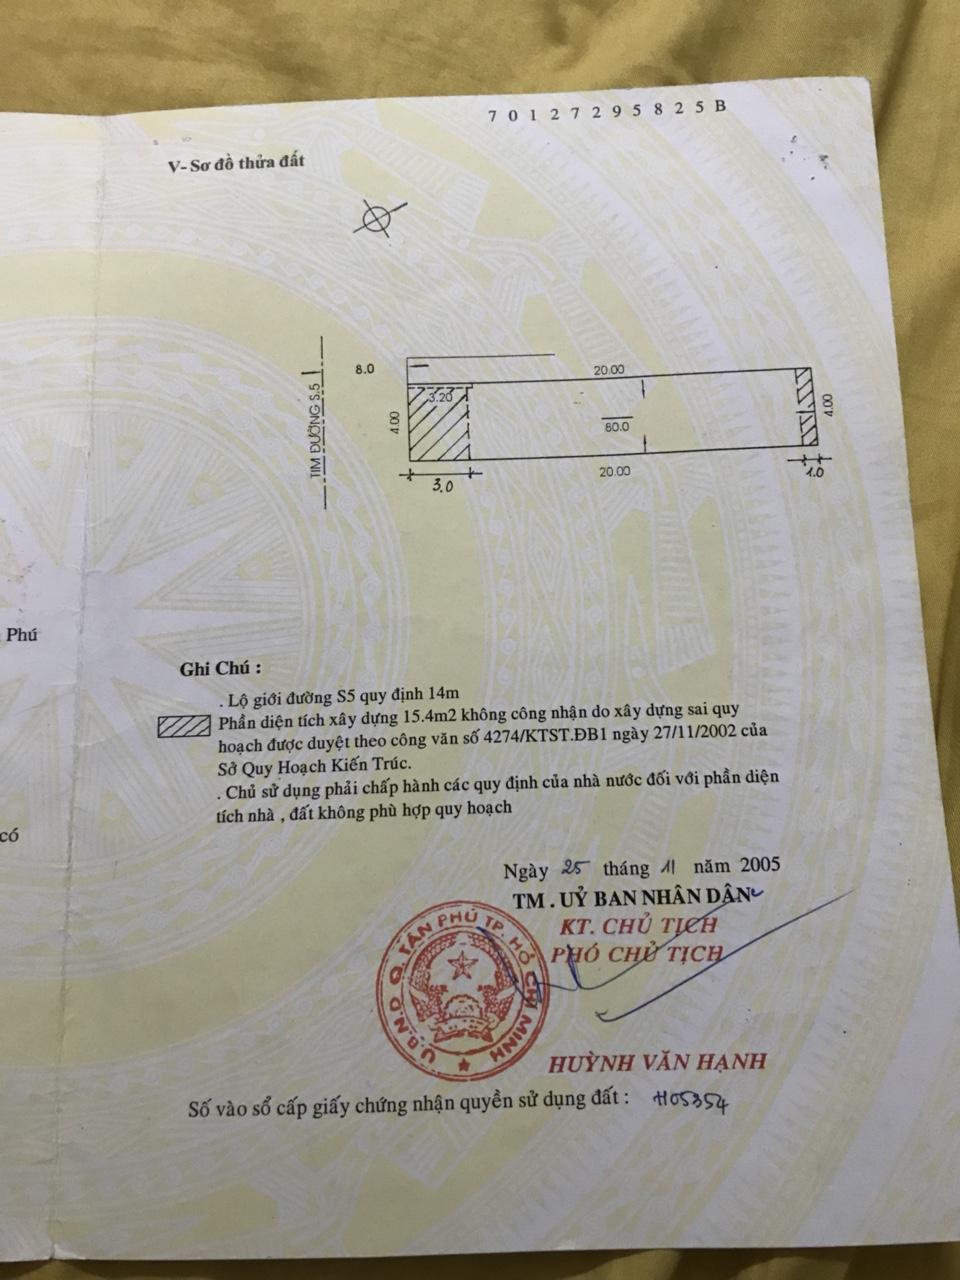 Bán nhà Mặt Tiền Nội Bộ đường Tây Thạnh Quận Tân Phú, Diện tích ngang 4m, dài 20 mét, giá 6,9 tỷ.2